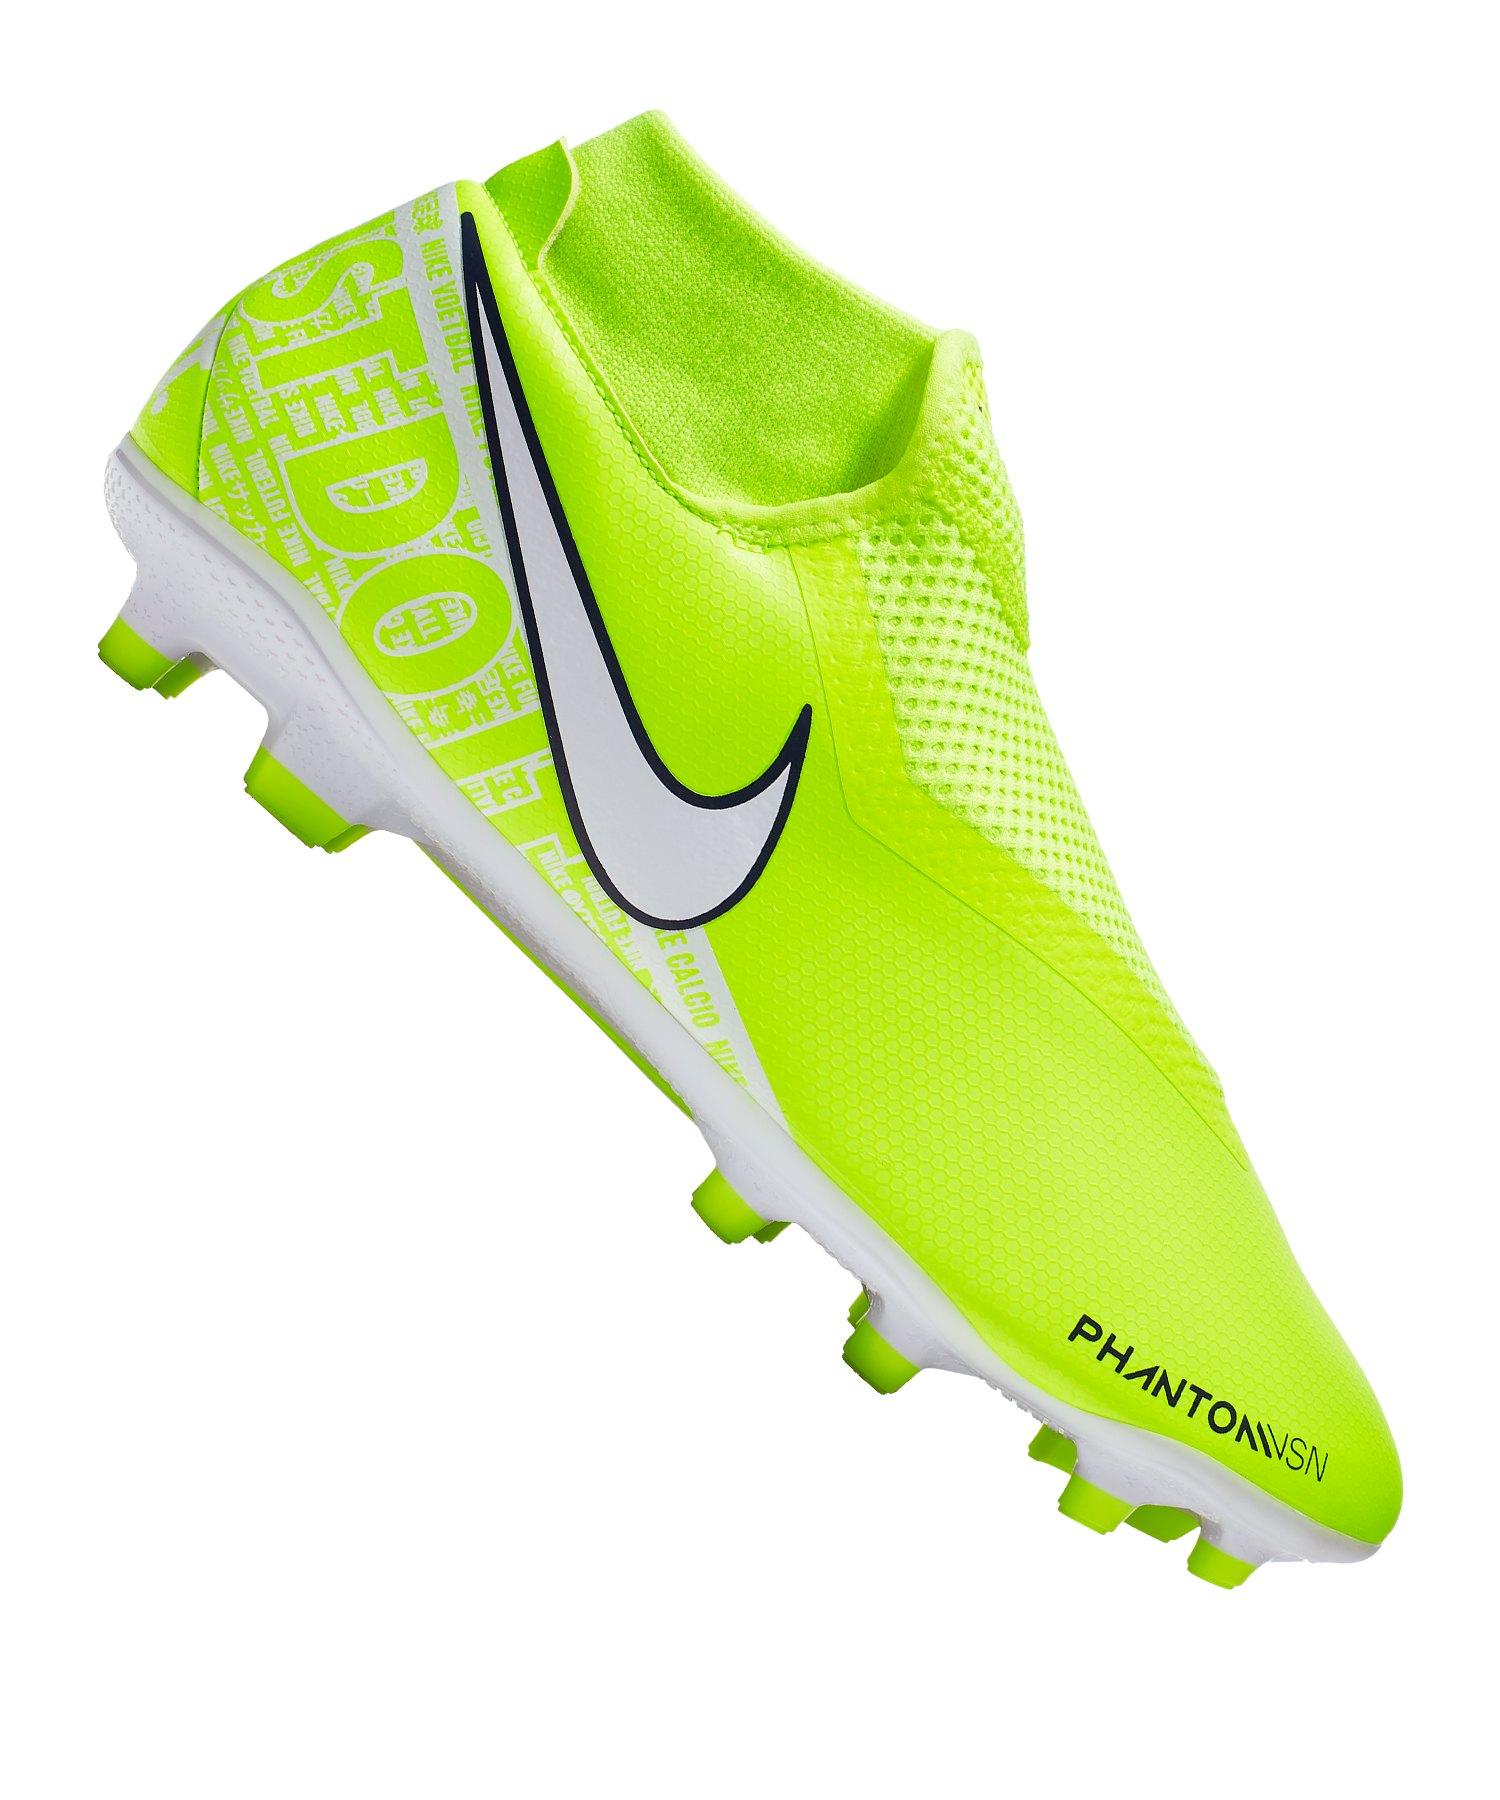 Nike Phantom Vision Academy DF MG Gelb F717 - gelb